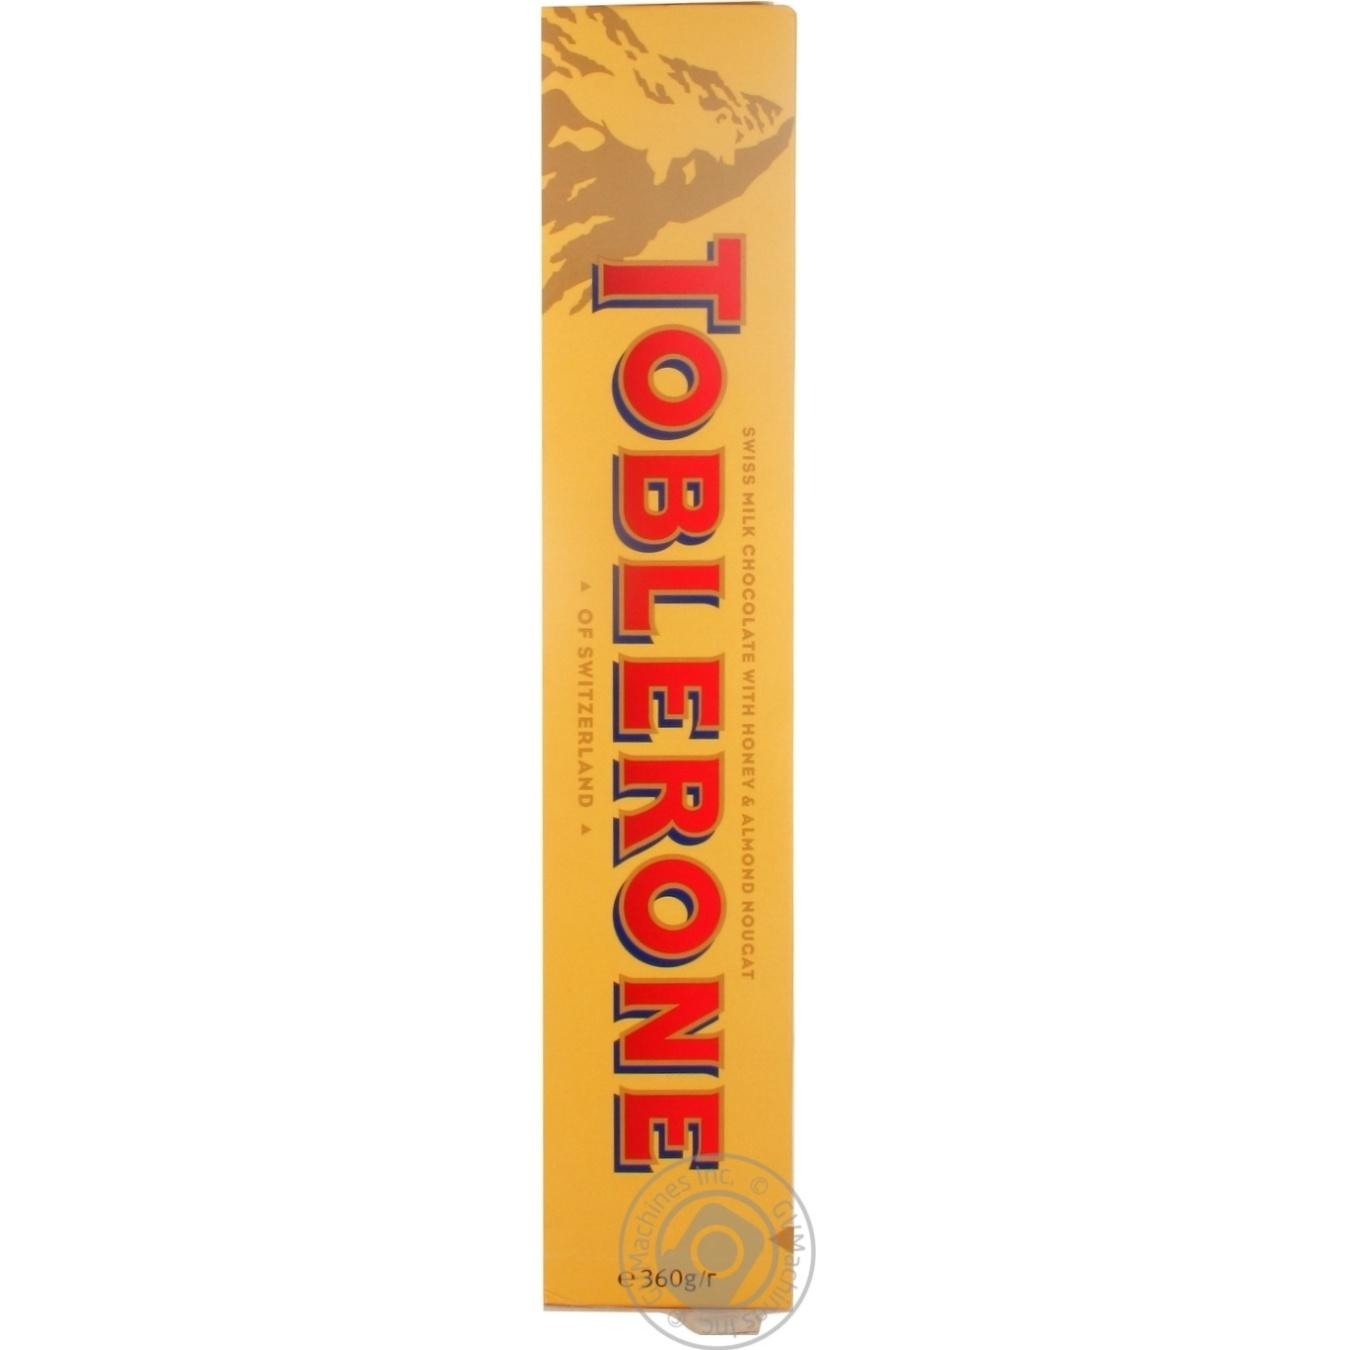 Купить Anniversary, Шоколад молочний Toblerone з медово-мигдальною нугою 360г